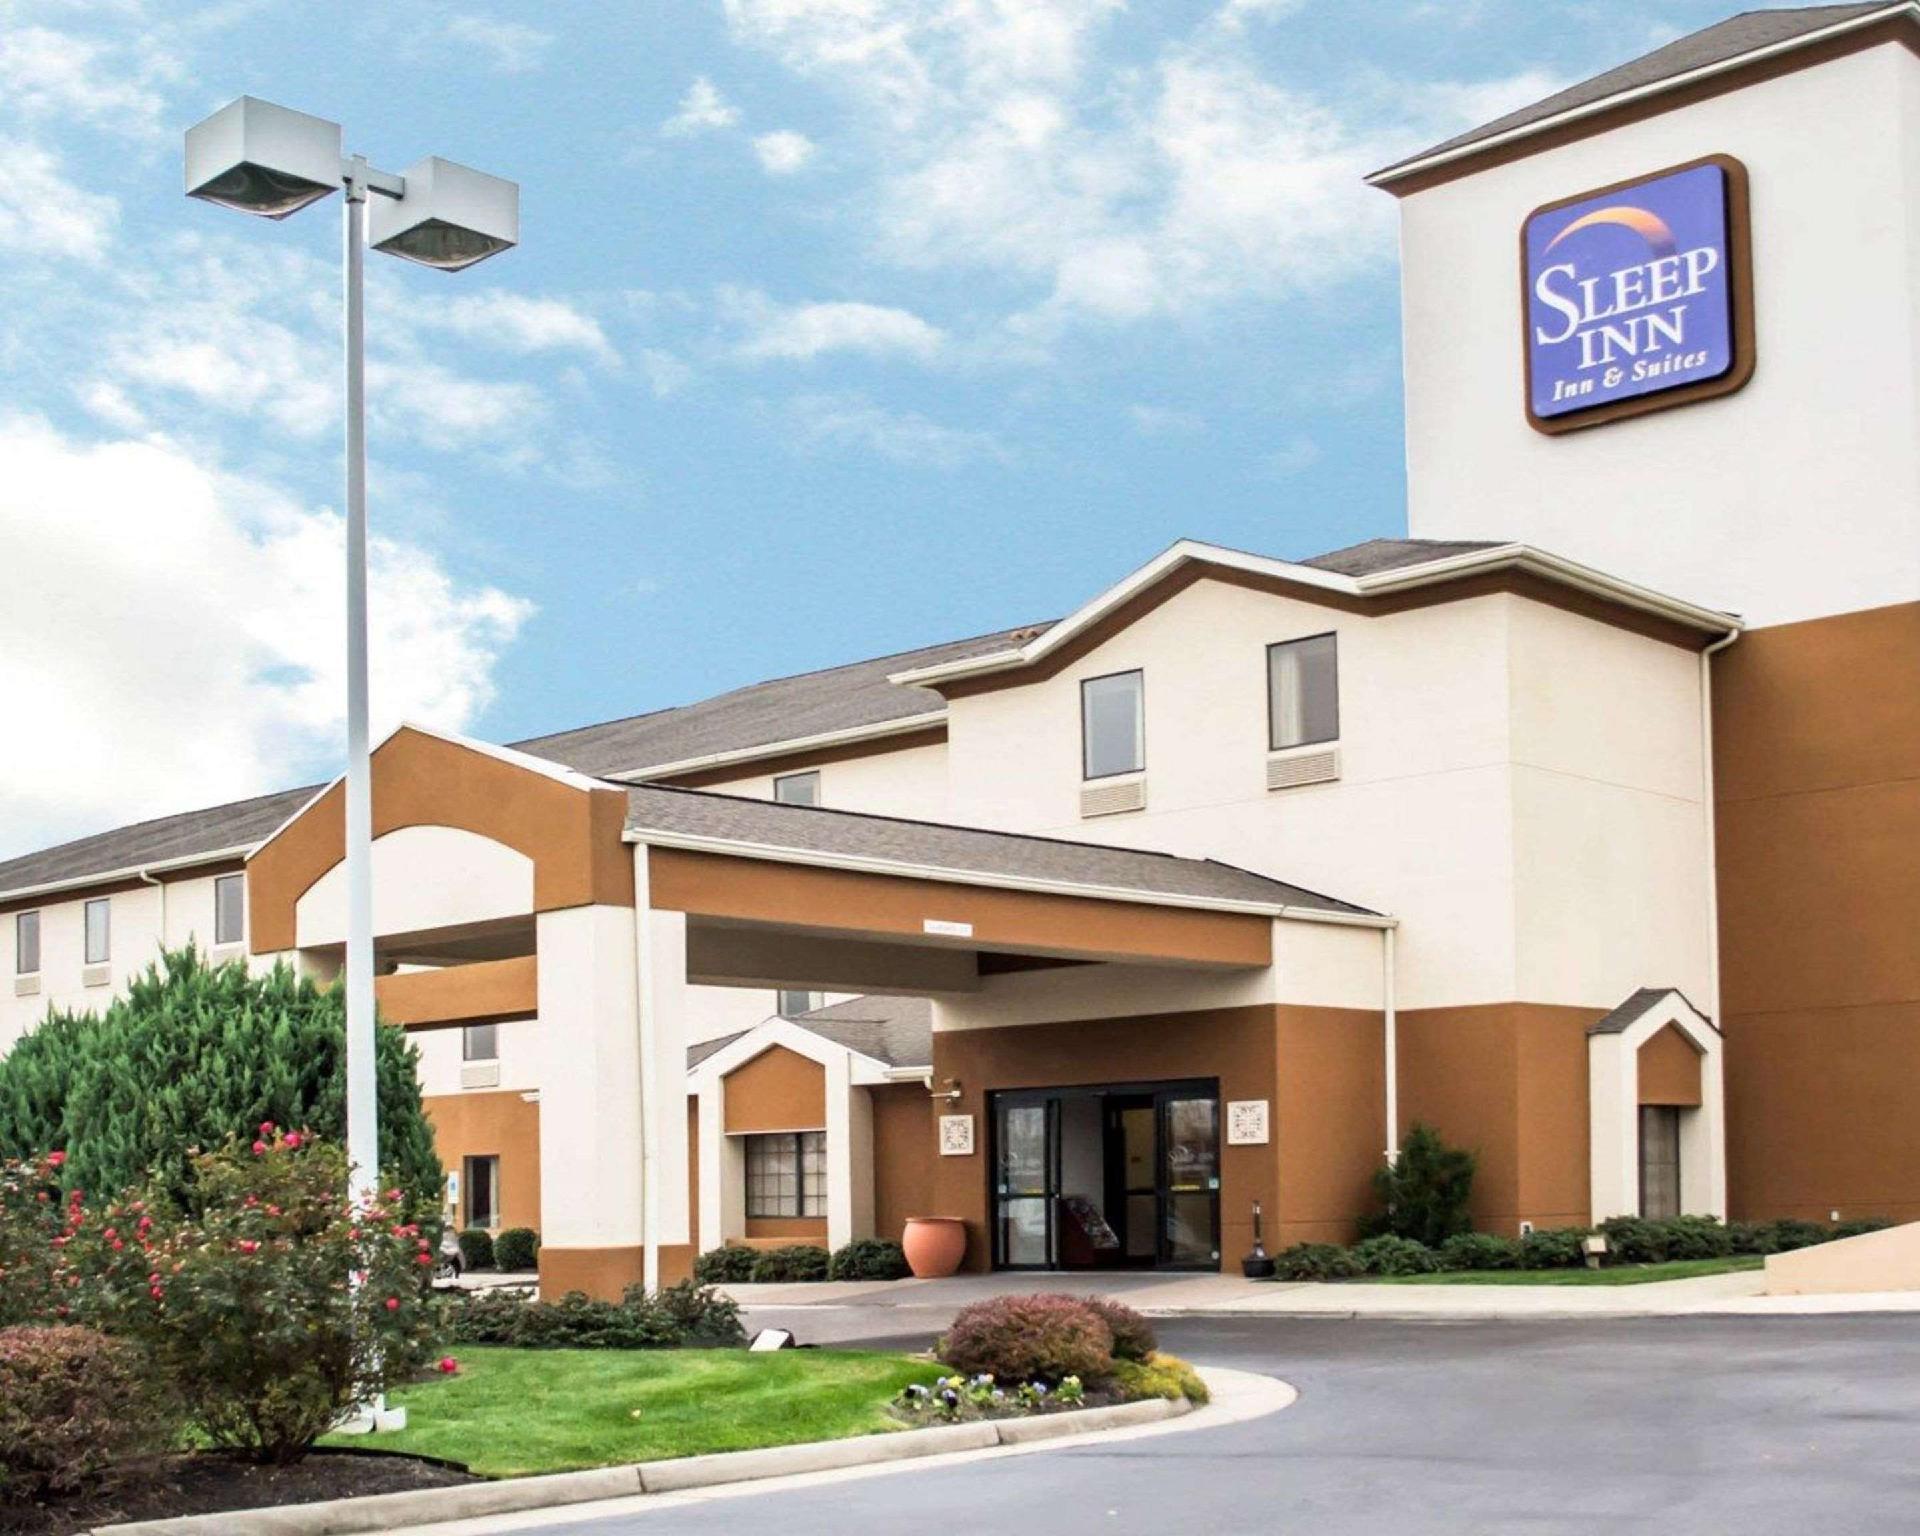 Sleep Inn And Suites Stony Creek   Petersburg South